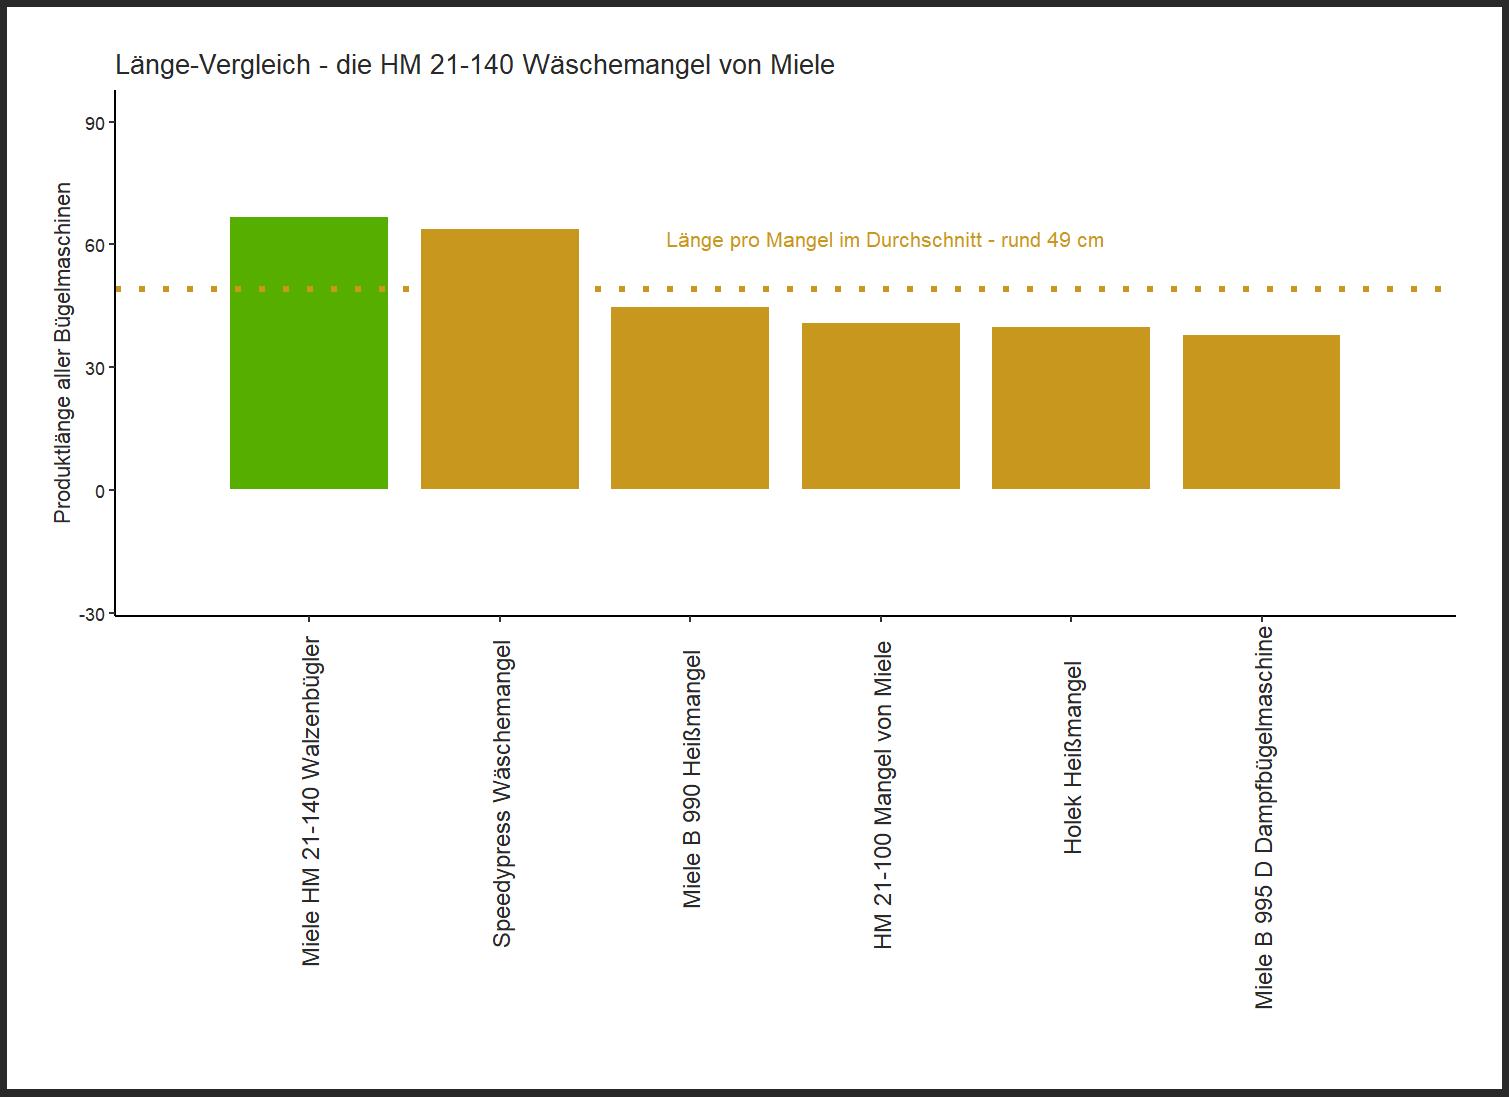 Länge-Vergleich von der Miele Wäschemangel HM 21-140